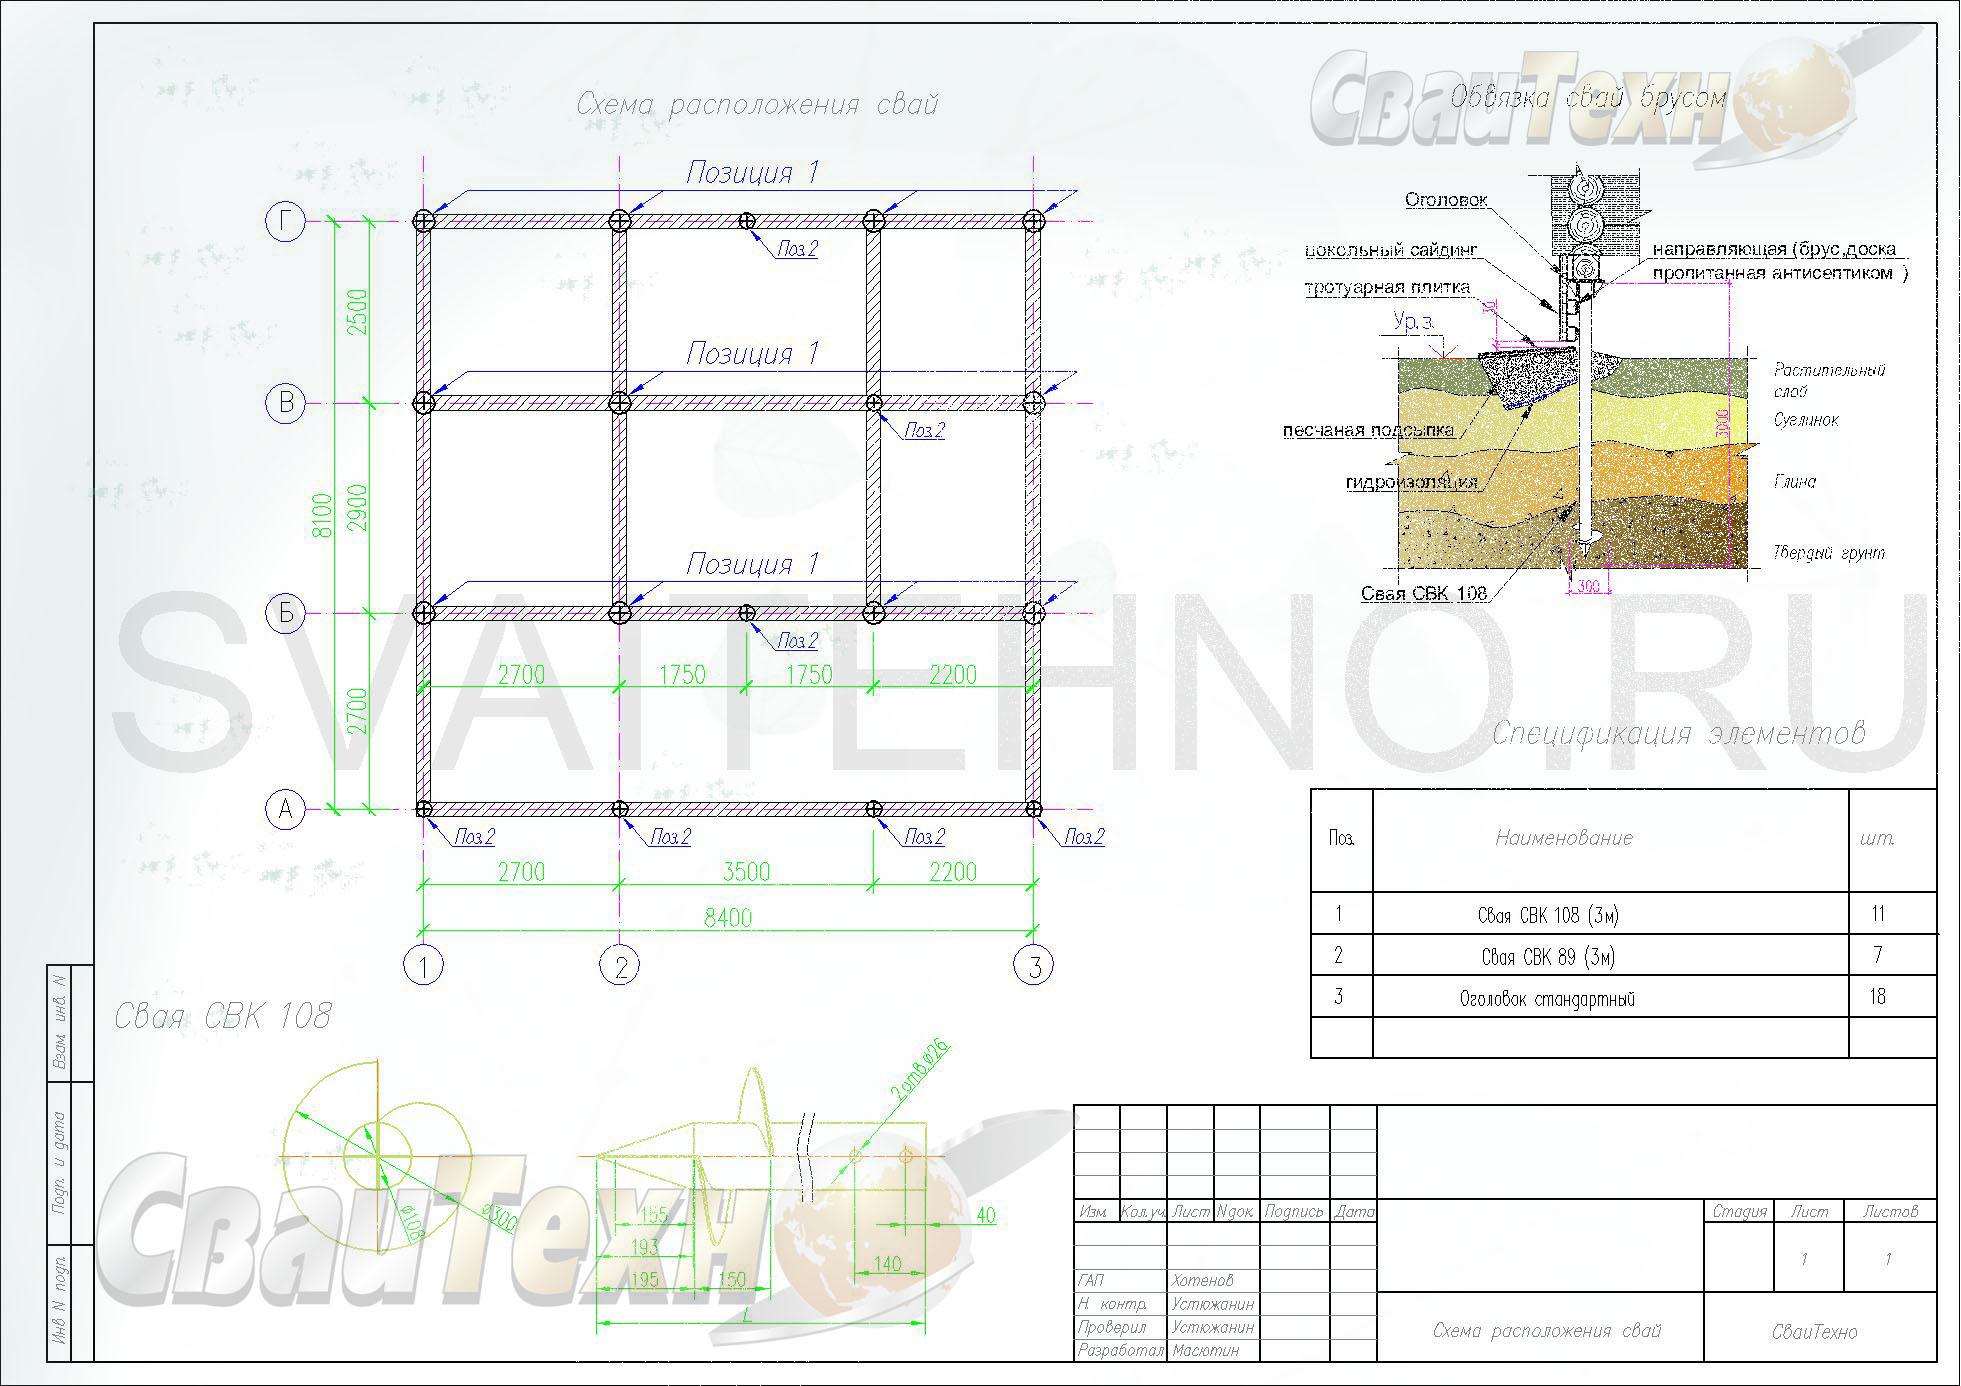 Схема расположения свай для строительства бани с мансардным этажом